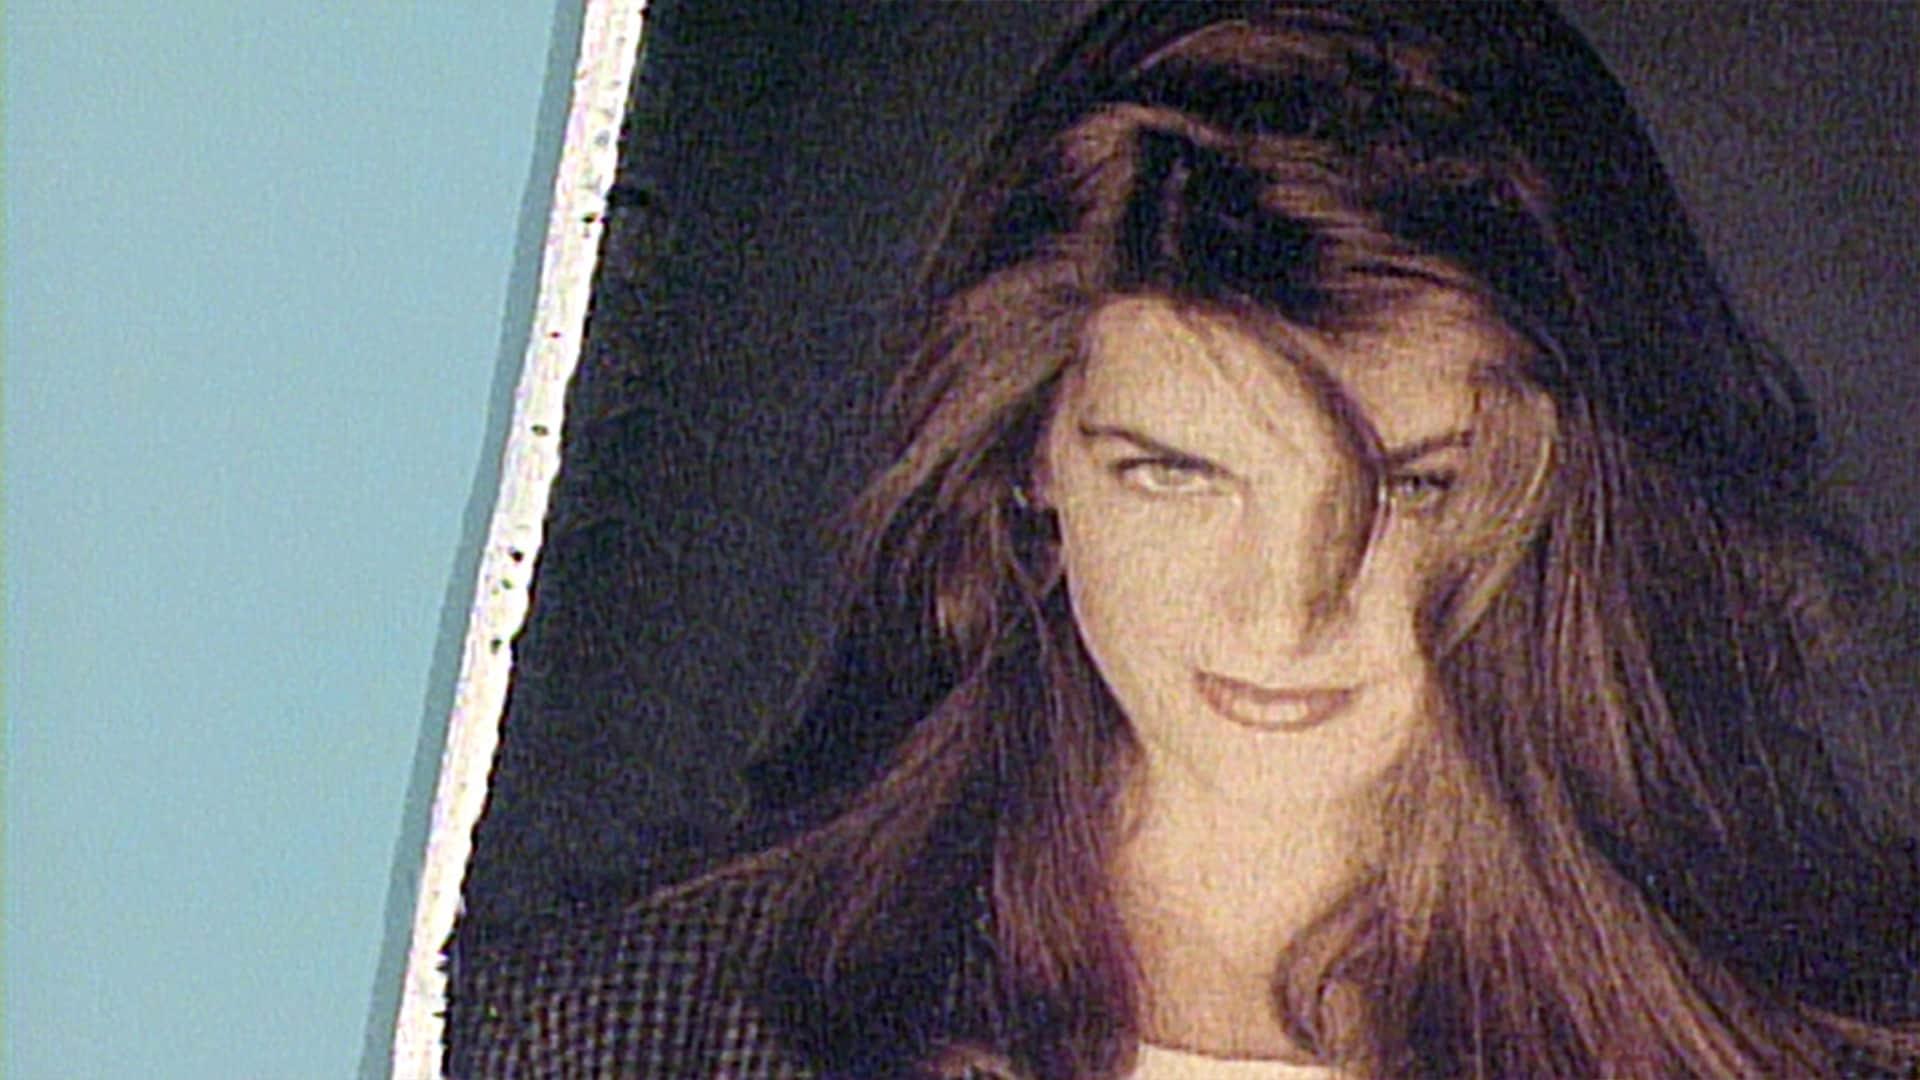 Kirstie Alley: October 12, 1991